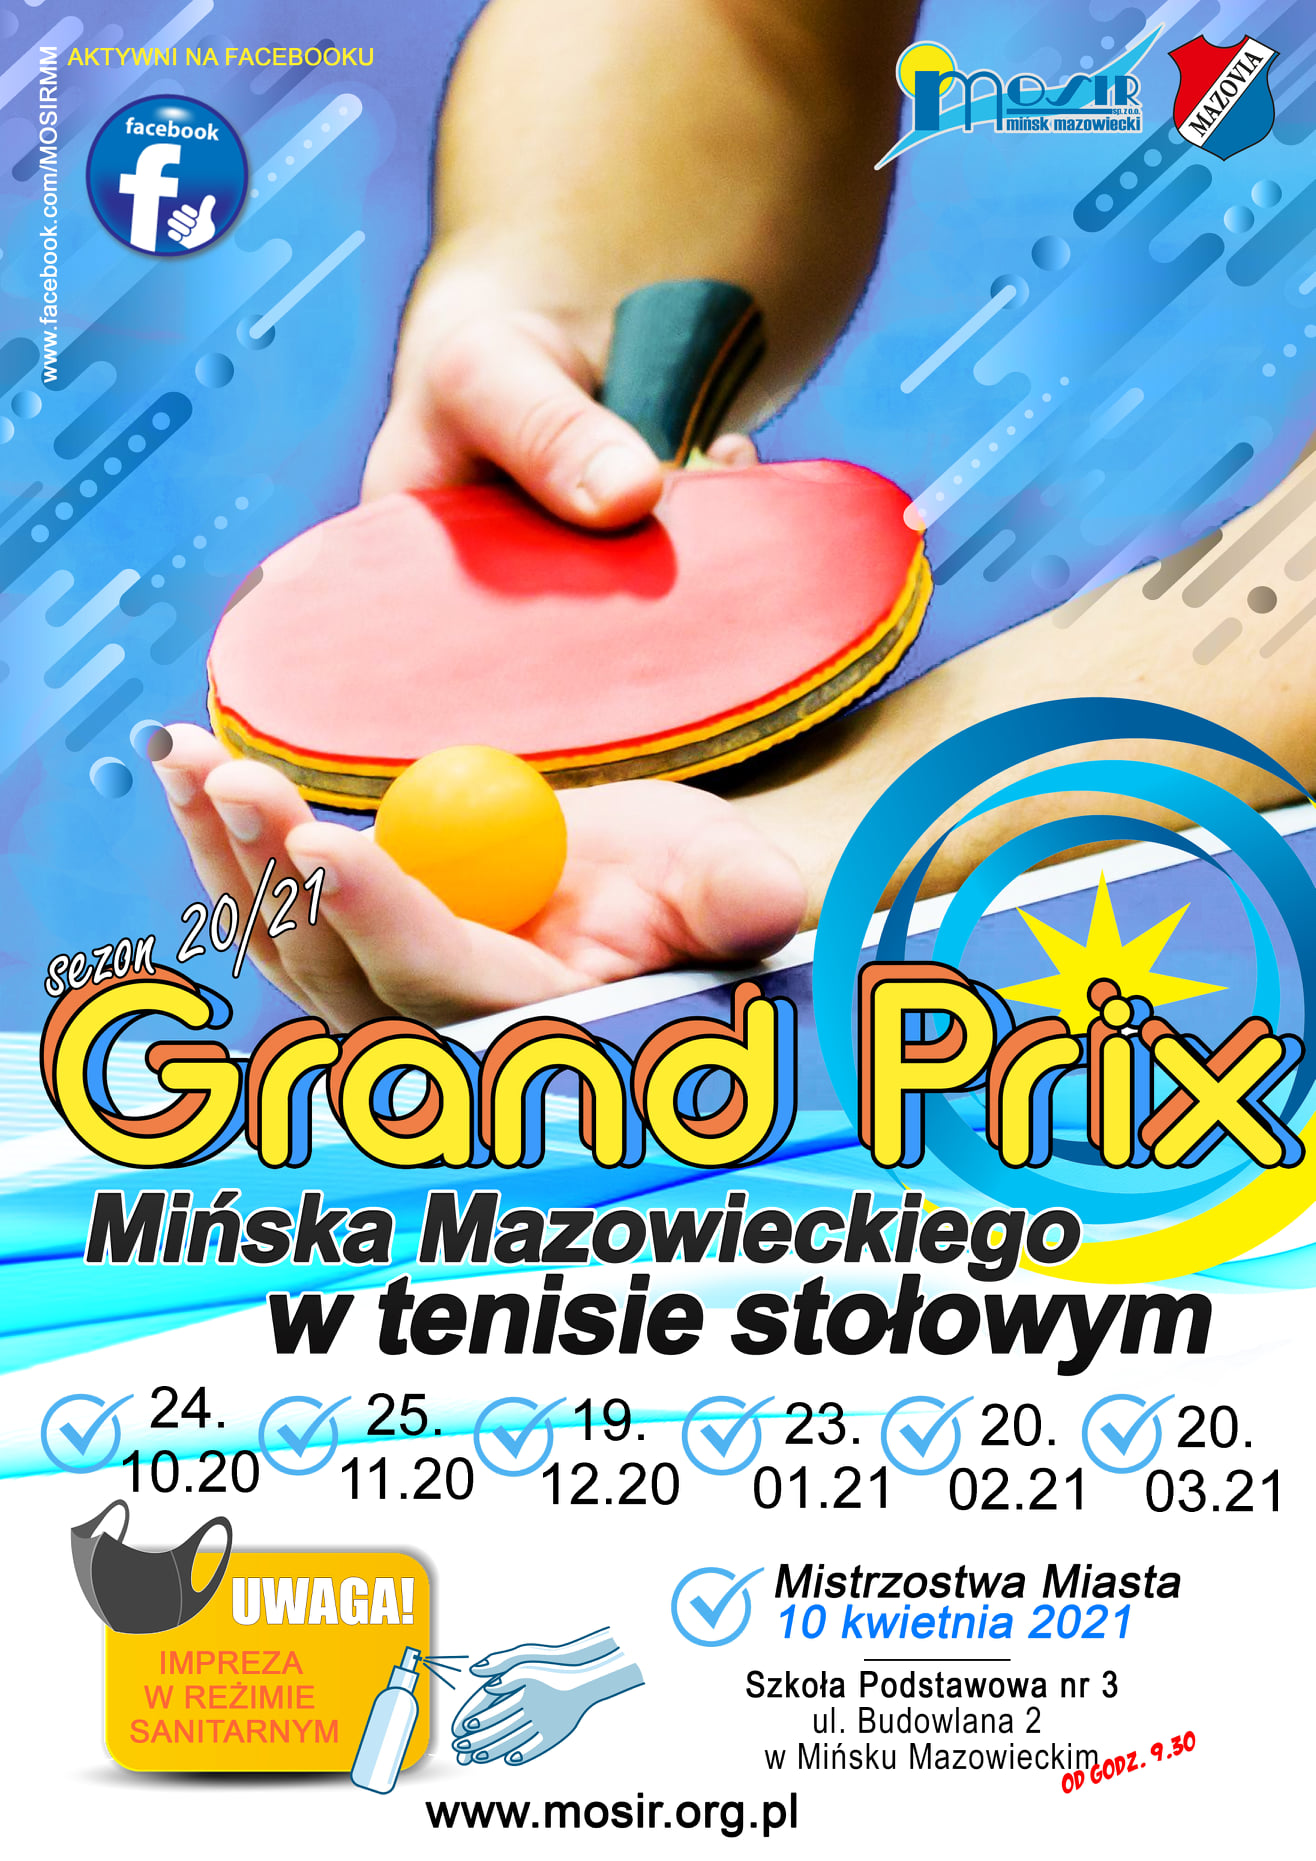 Plakat turnieju Grand Prix Mińska Mazowieckiego w tenisie stołowym w sezonie 2020/2021 - termin 2